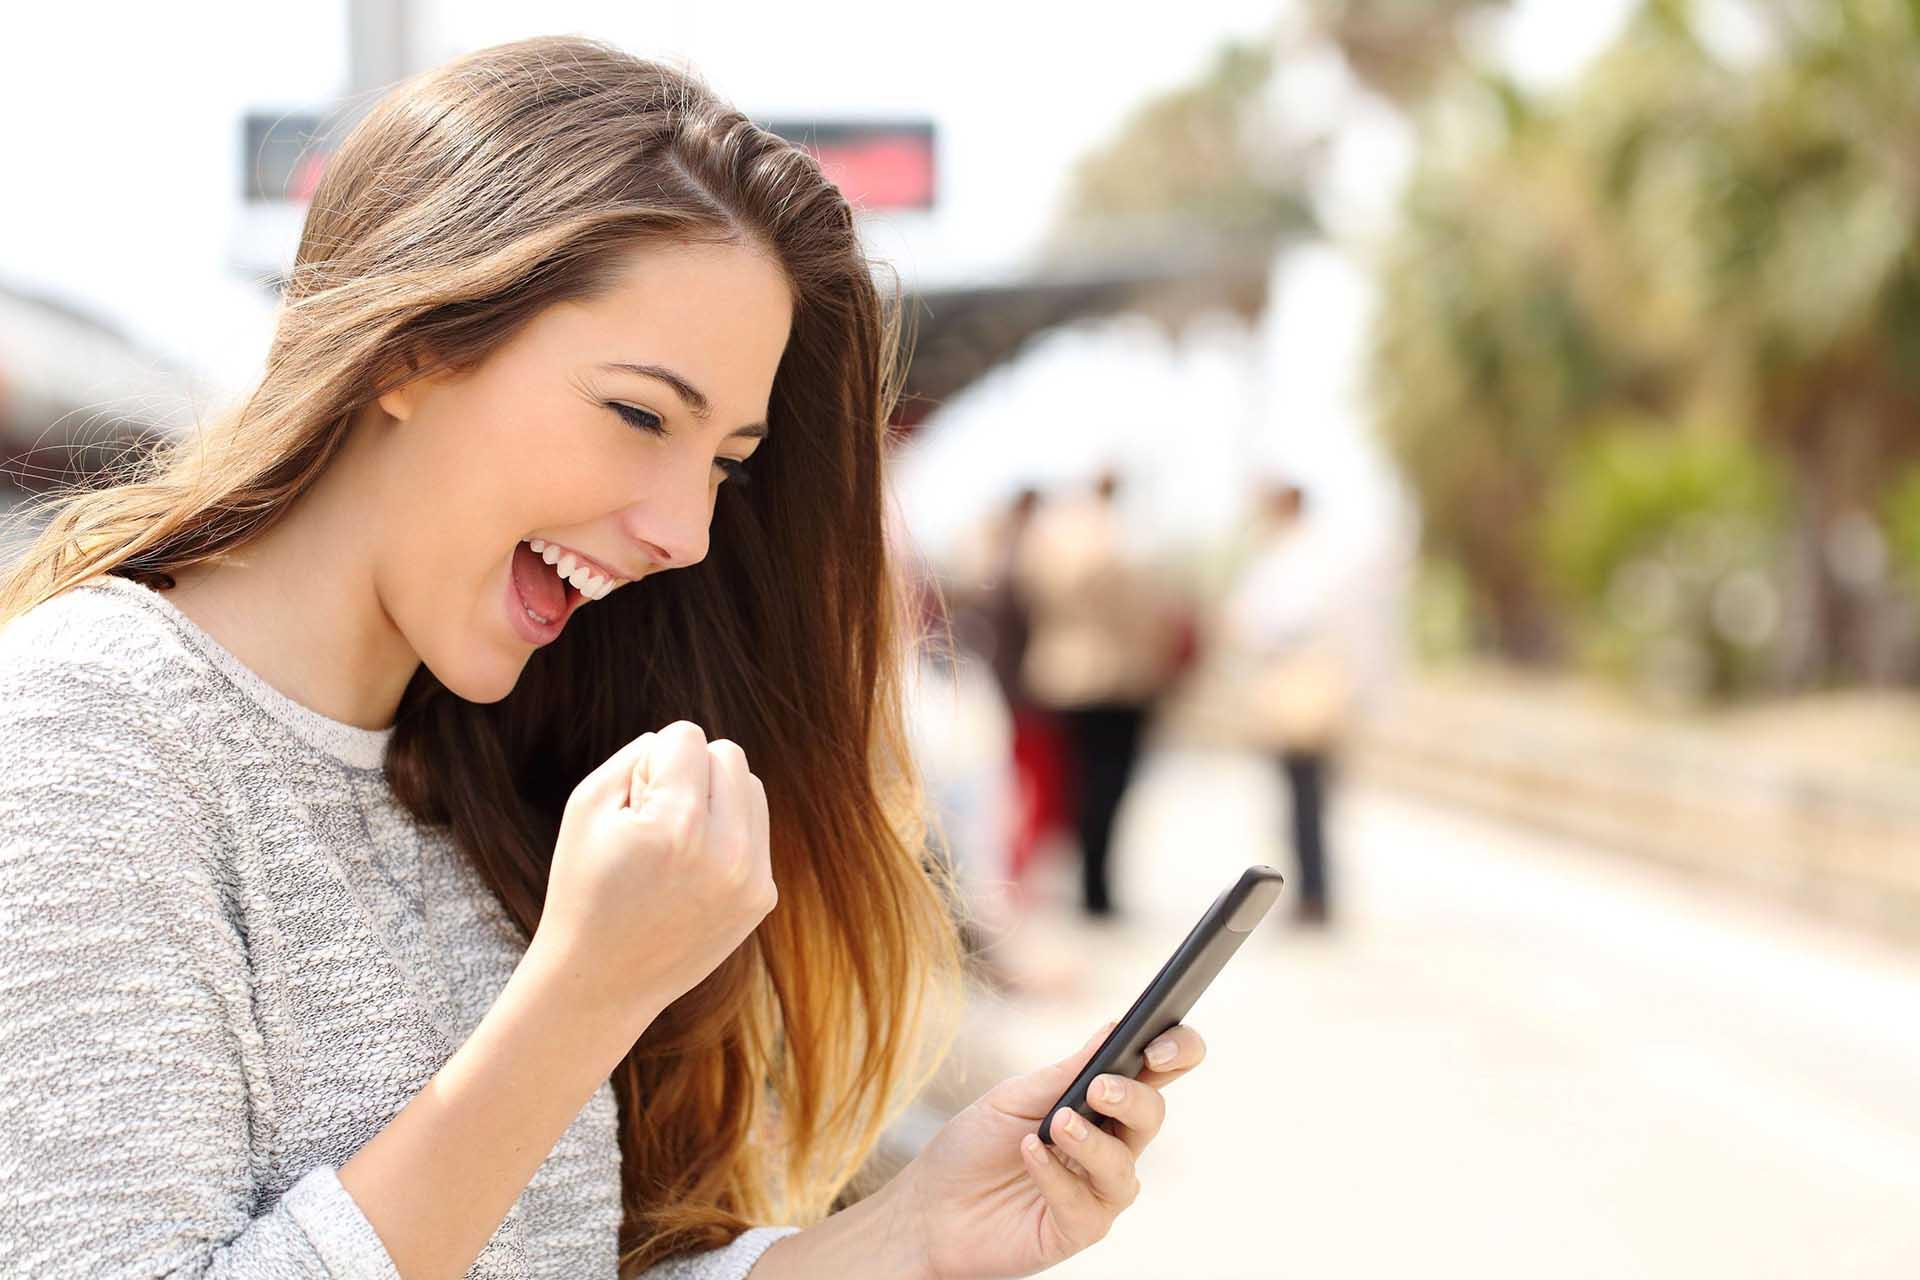 Вебинар: Прибыль ×5 за счет рекламы в соцсетях. Кейсы и инструменты-2021